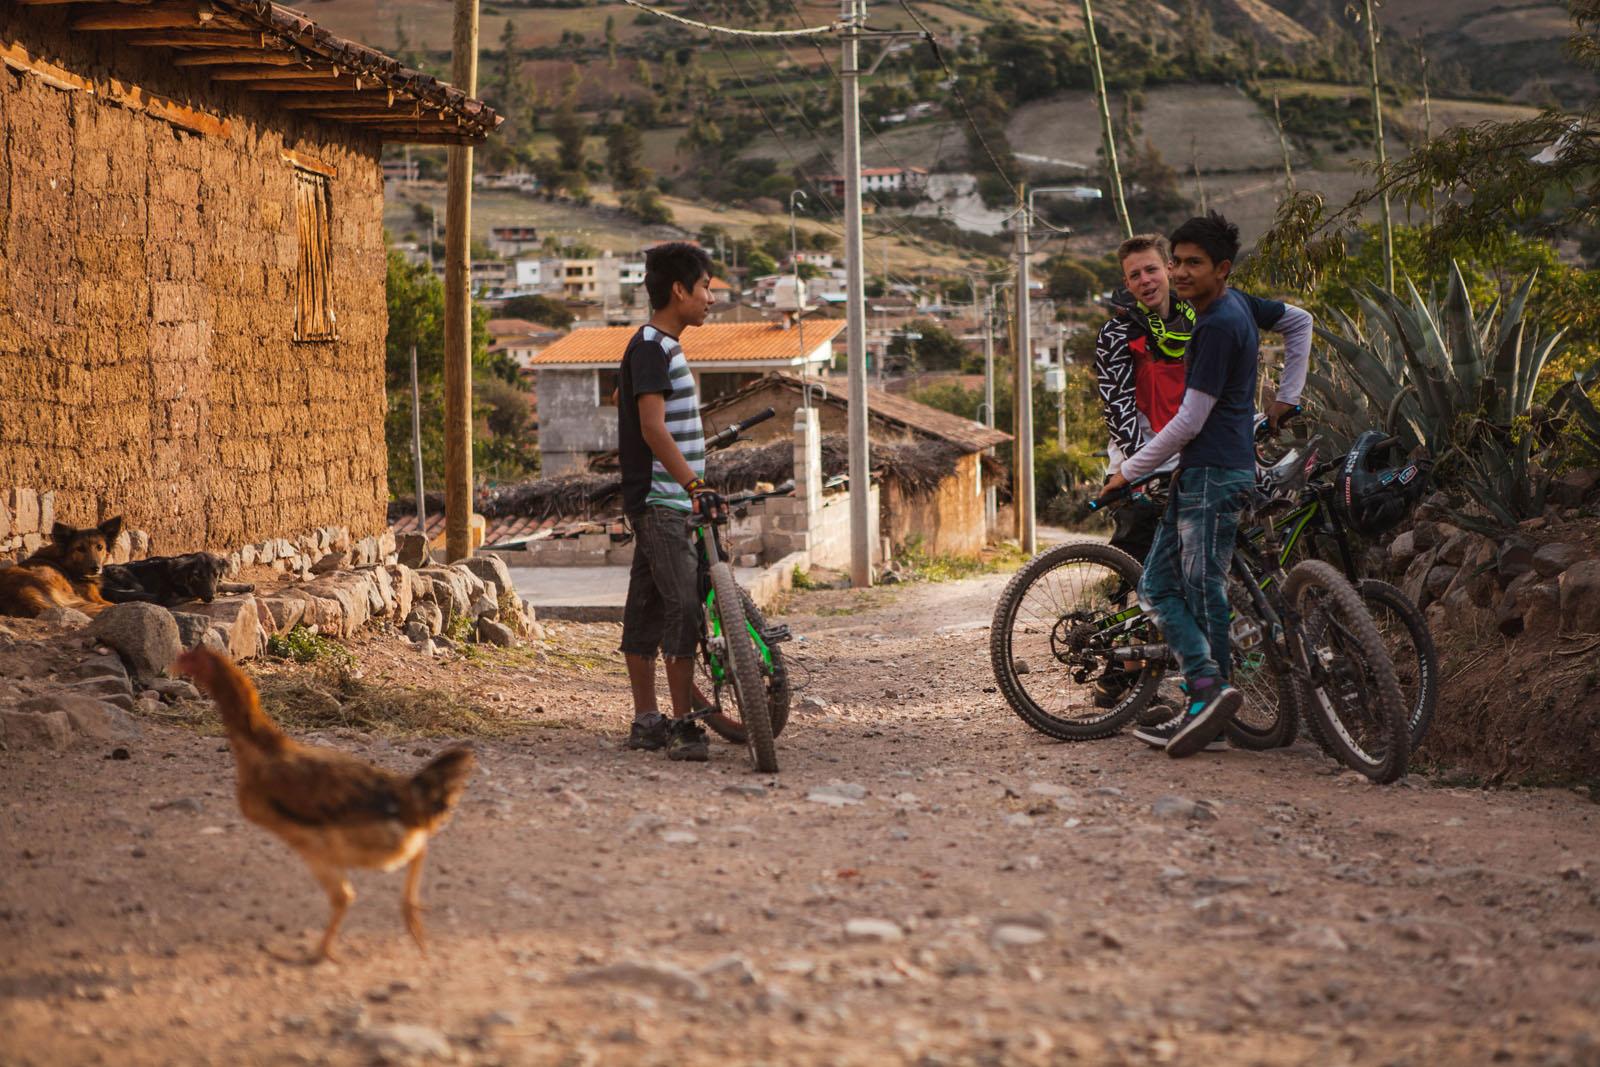 Einfache Verhältnisse in Peru